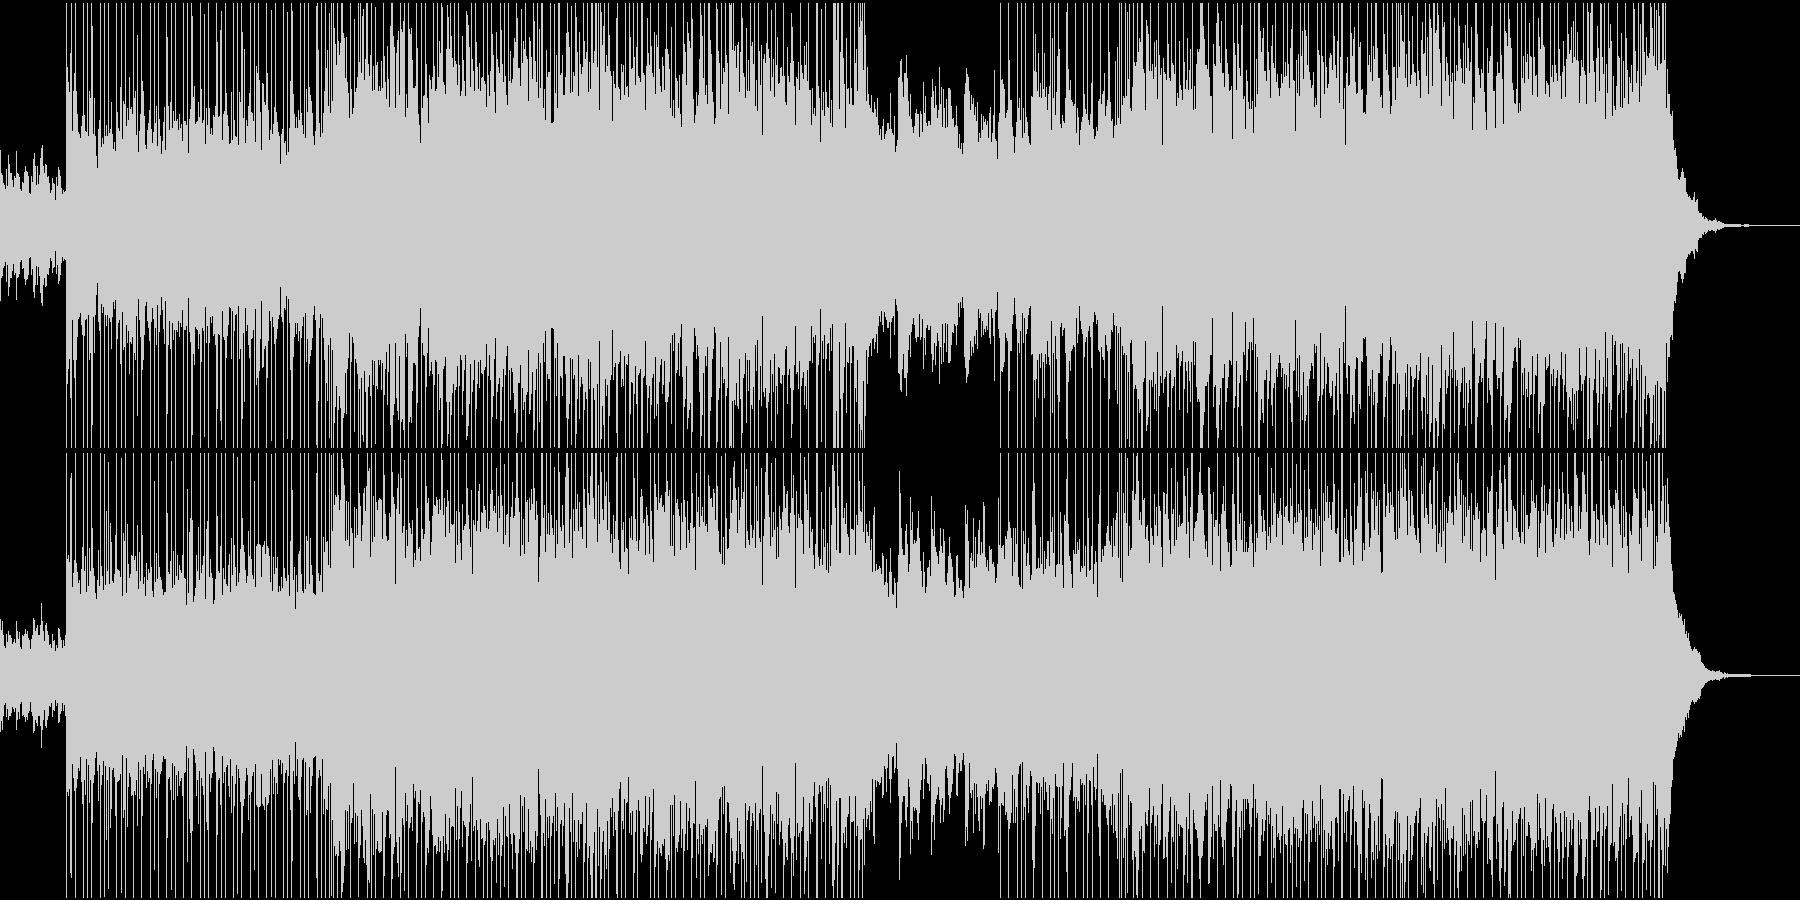 カントリー調、コーポレート系BGMの未再生の波形